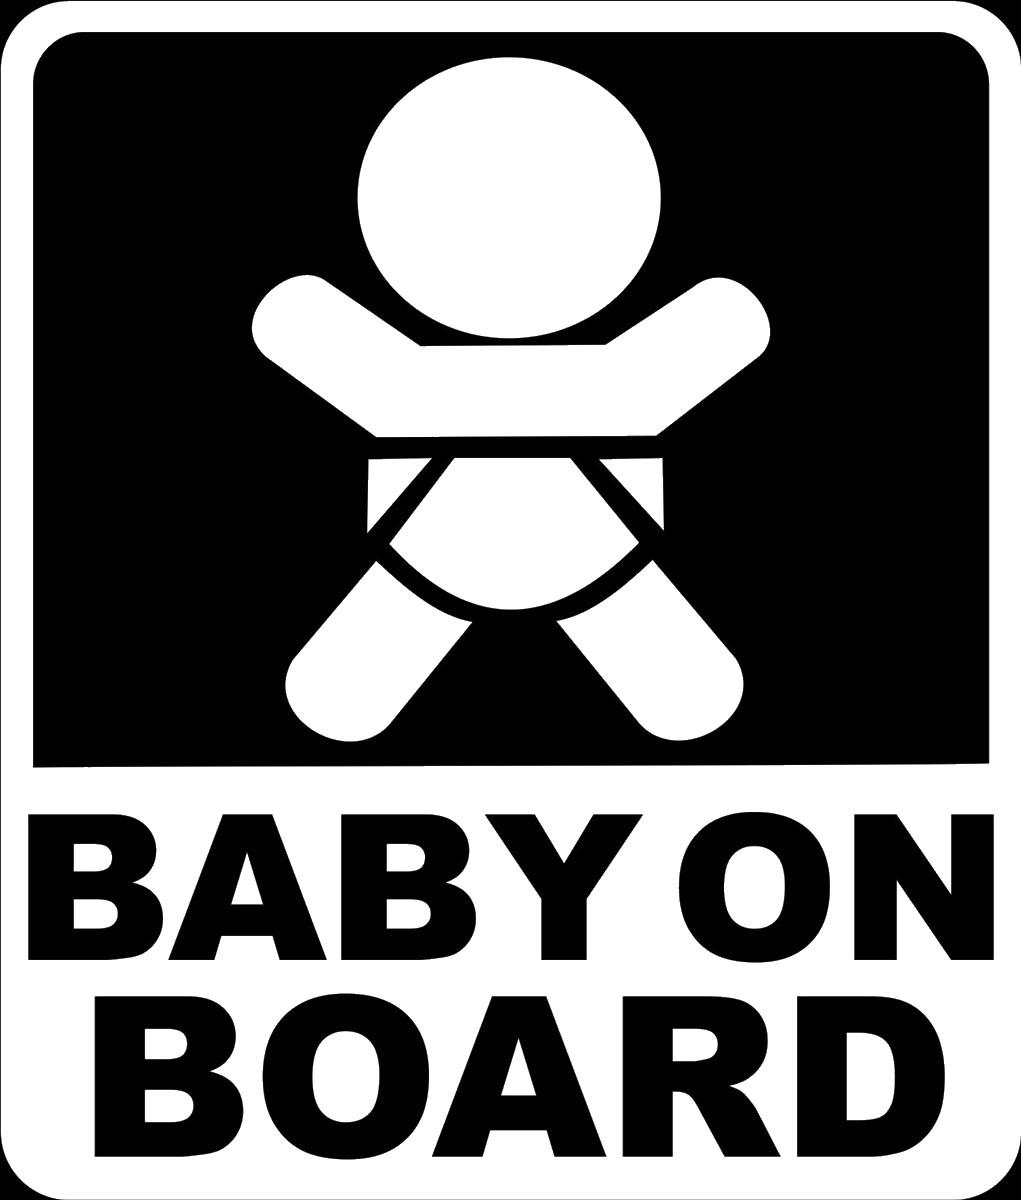 Наклейка автомобильная Оранжевый слоник Baby on Board. Квадрат, виниловая, цвет: белый150RM0005WОригинальная наклейка Оранжевый слоник Baby on Board. Квадрат изготовлена из долговечного винила, который выполняет не только декоративную функцию, но и защищает кузов от небольших механических повреждений, либо скрывает уже существующие. Виниловые наклейки на авто - это не только красиво, но еще и быстро! Всего за несколько минут вы можете полностью преобразить свой автомобиль, сделать его ярким, необычным, особенным и неповторимым!